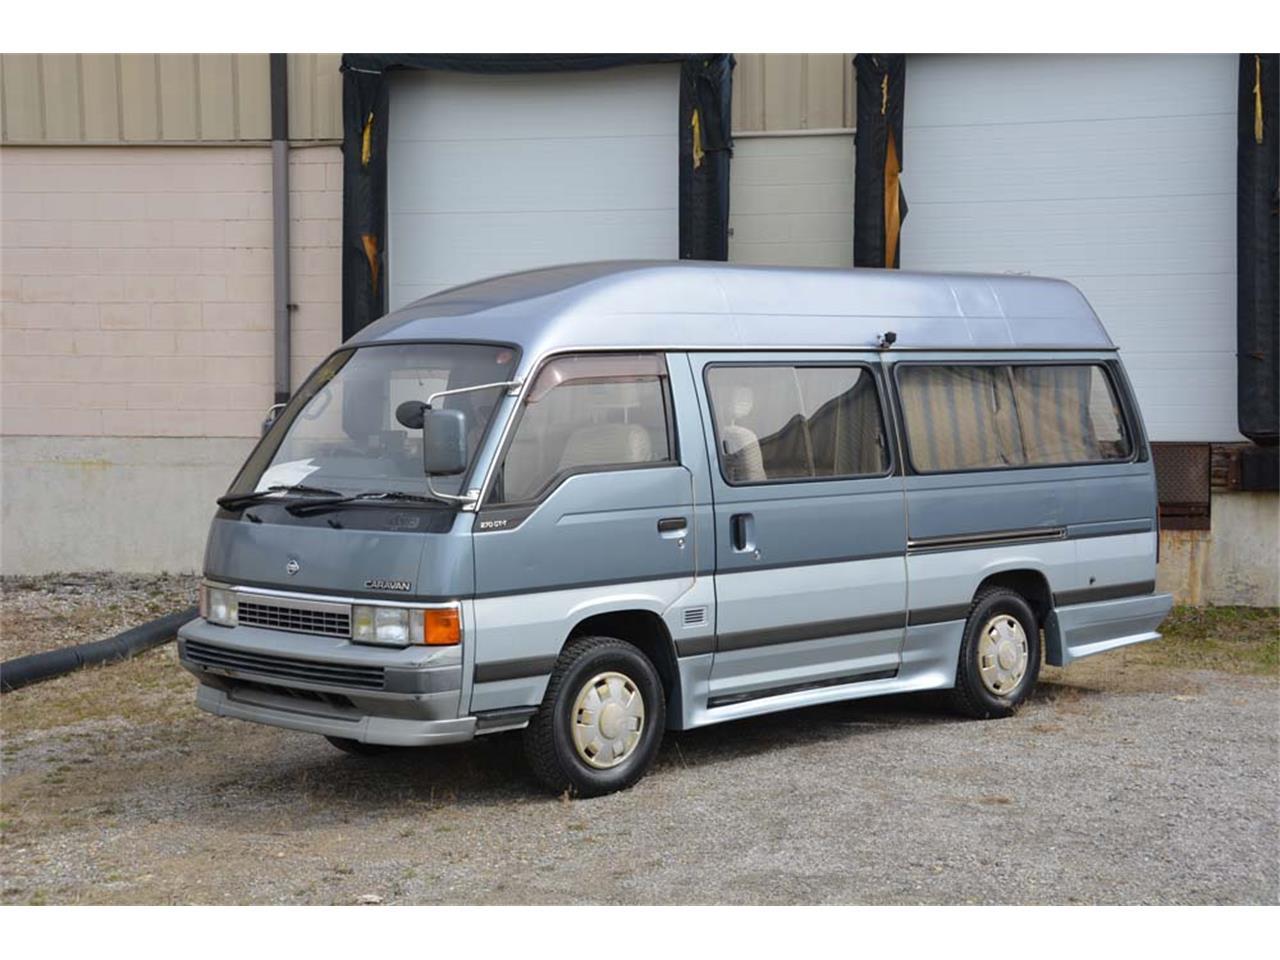 Large Picture of '90 Nissan Caravan - LN58